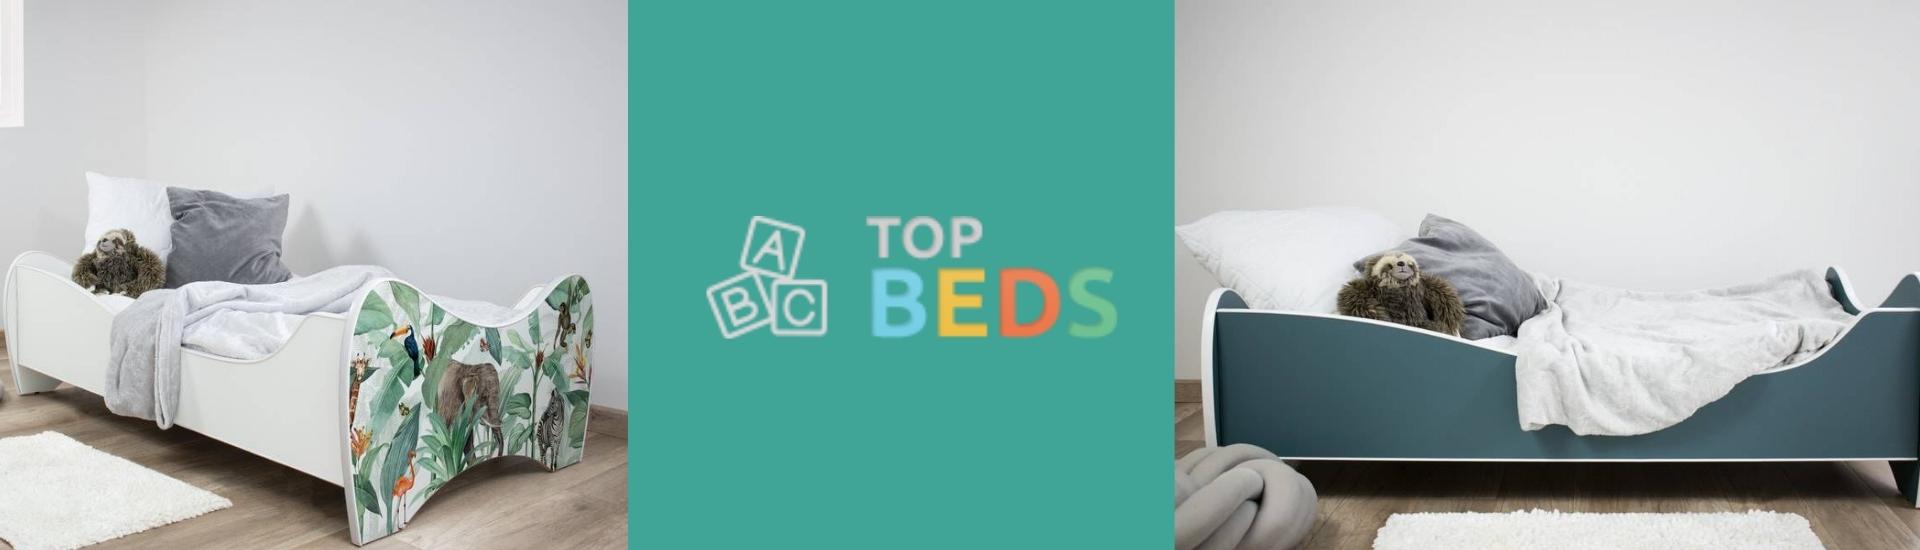 lits topbeds sur casalou